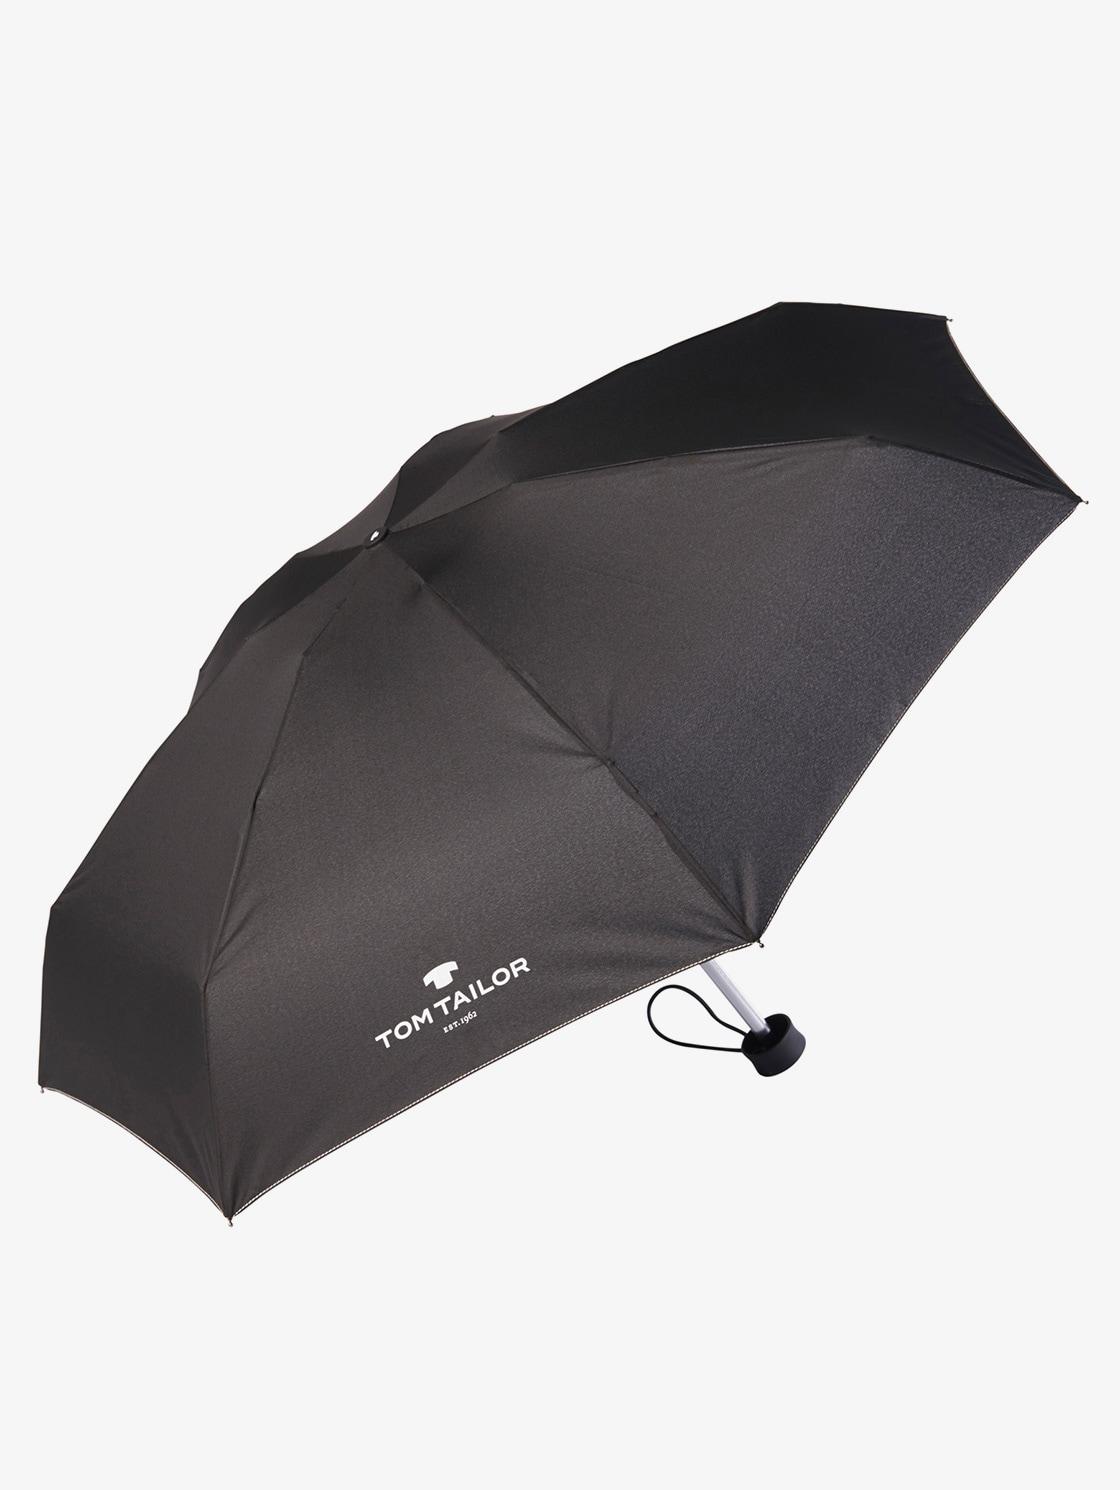 Tom Tailor Taschen Regenschirm, Unisex, black, Größe: OneSize